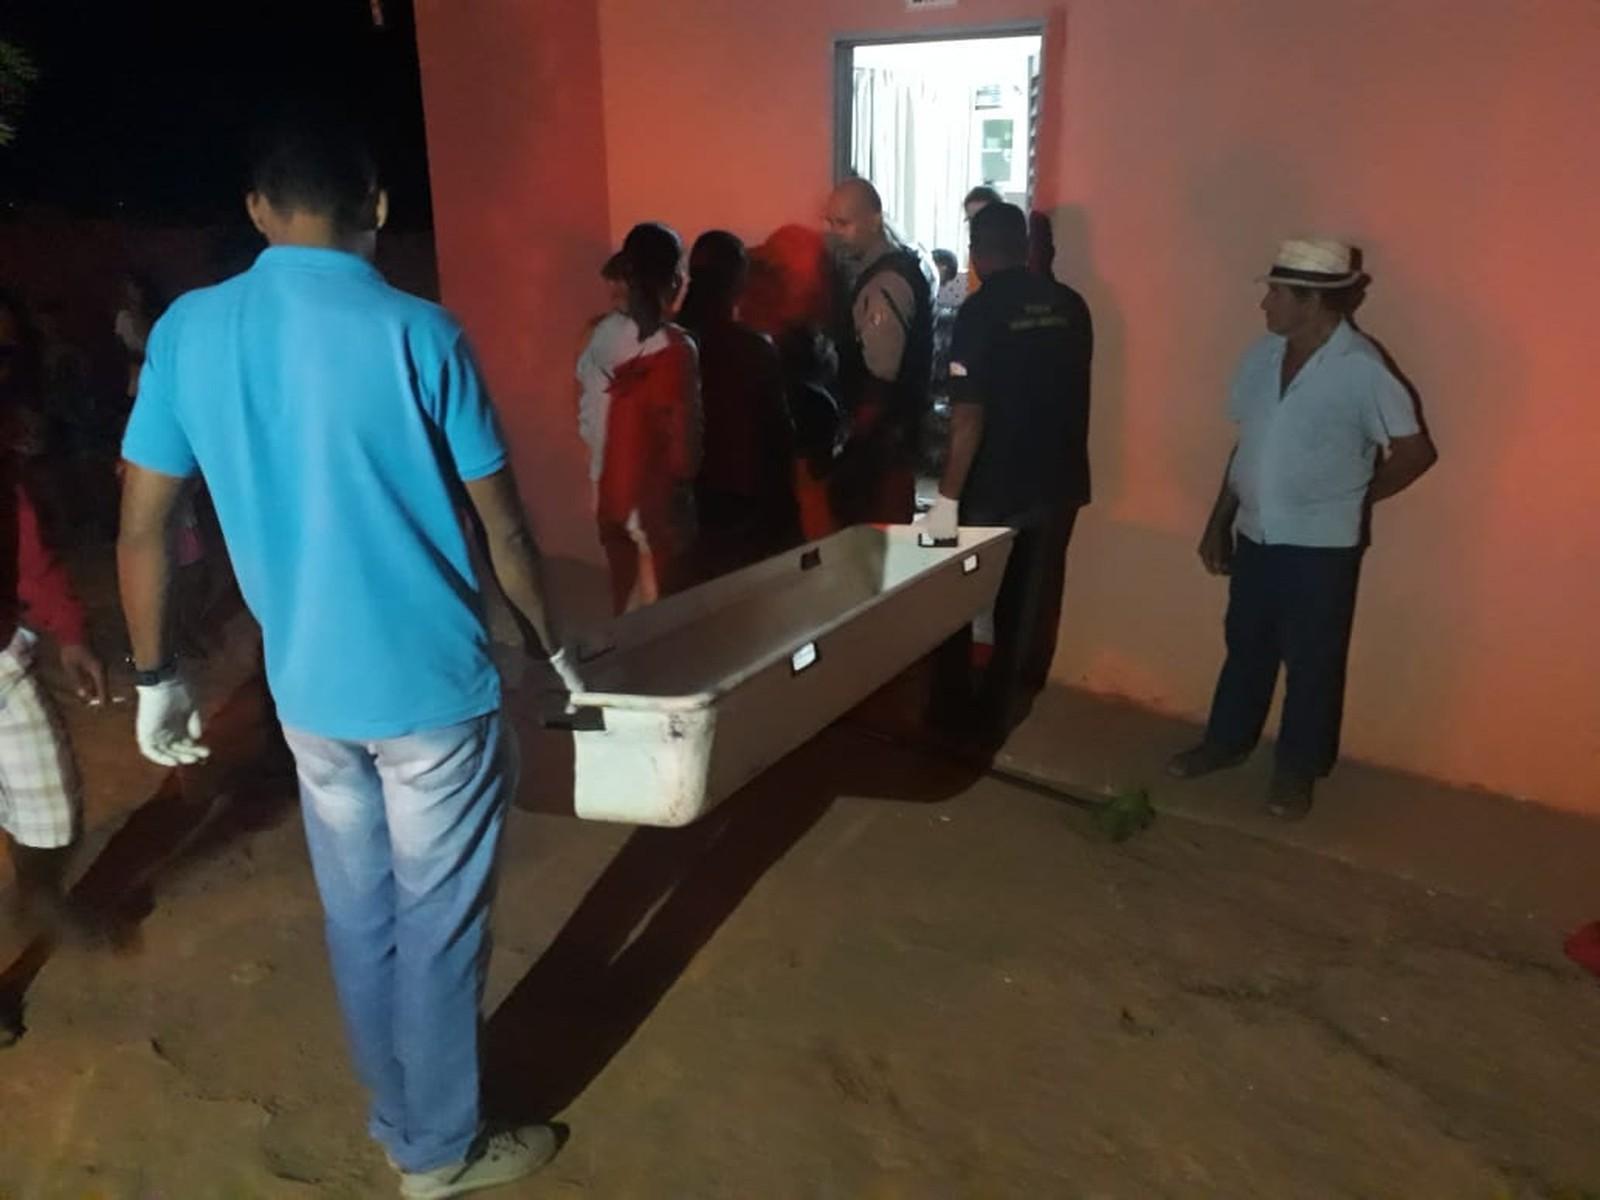 Criminosos invadem casa e executam dois irmãos durante madrugada em Araguaína